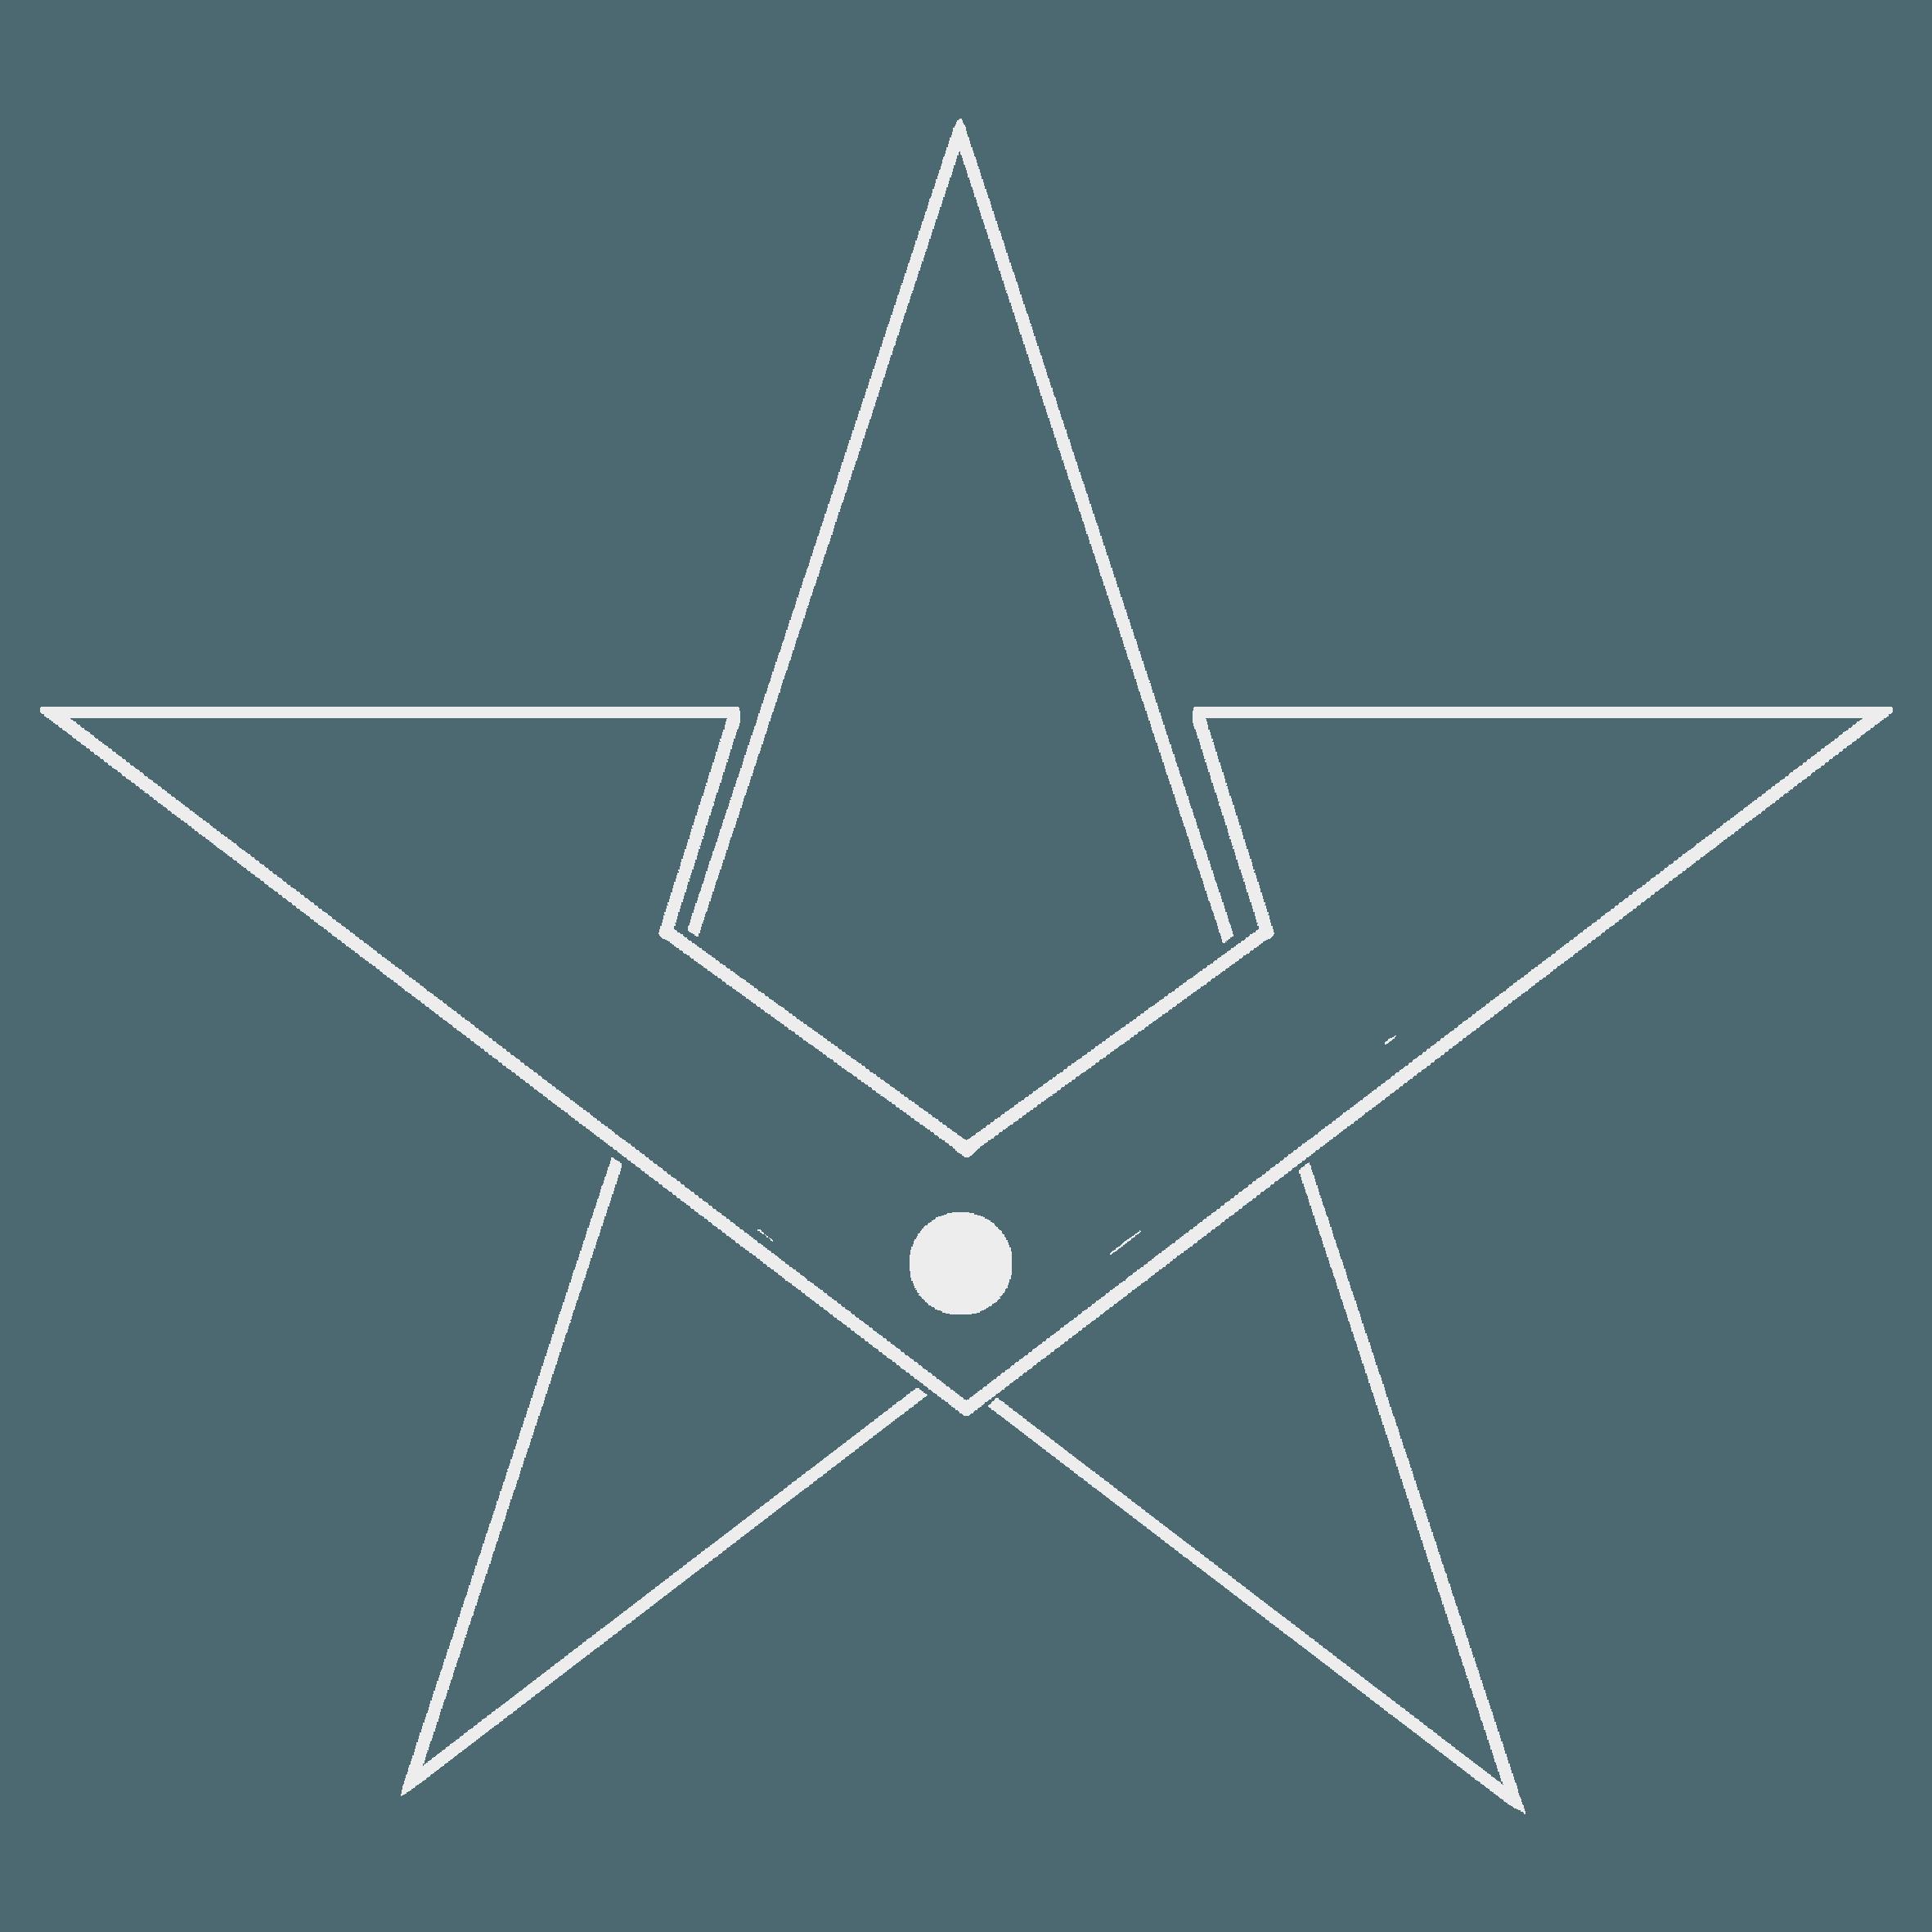 starpoint logo